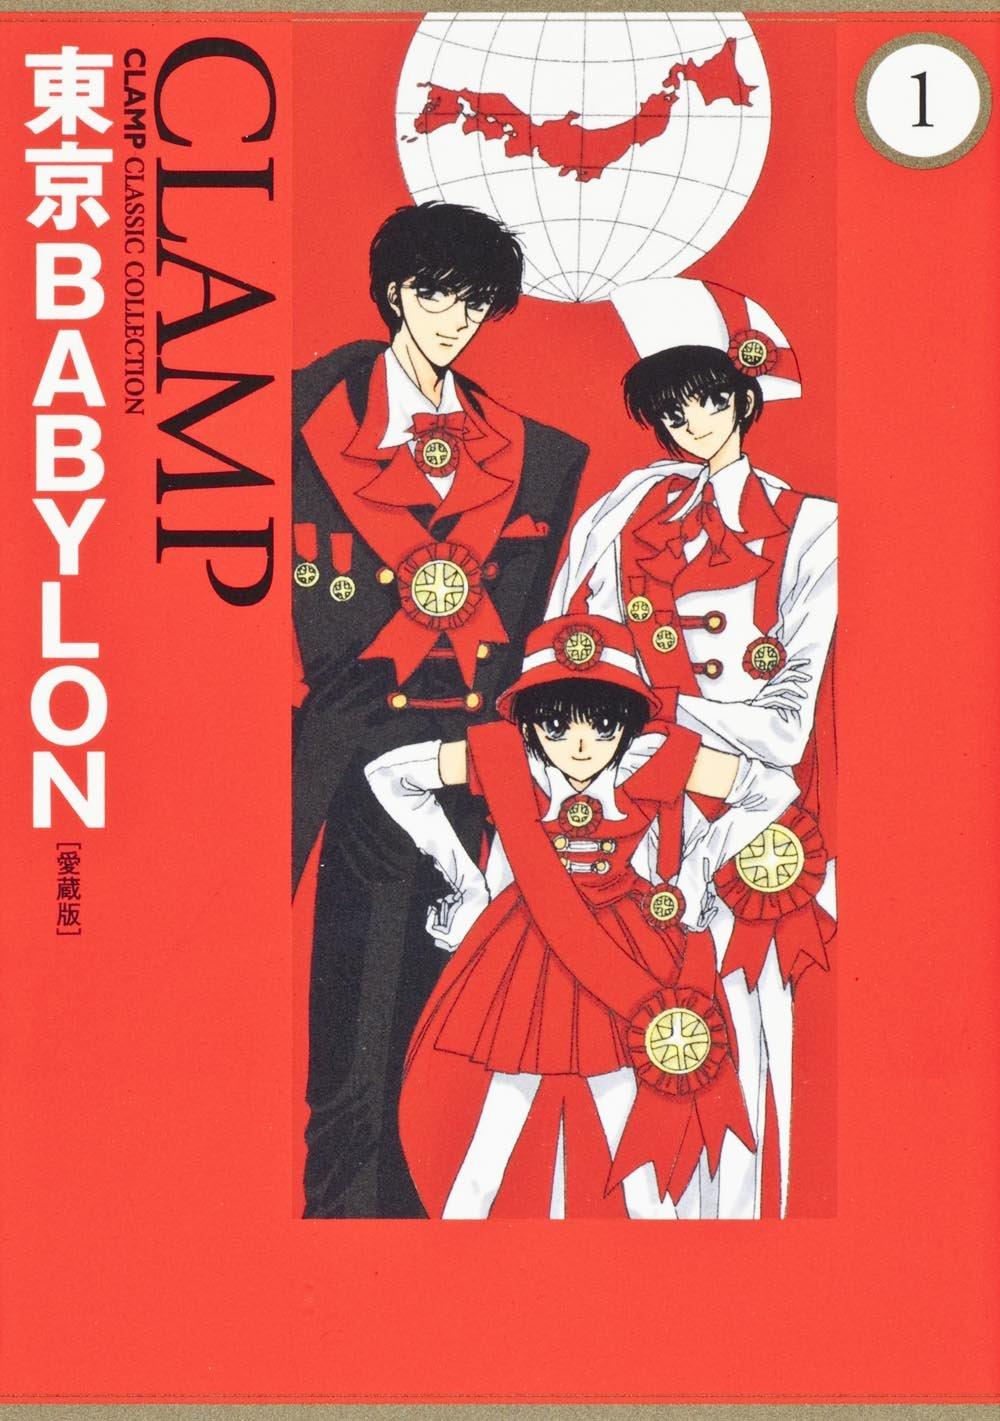 「東京BABYLON」の感想-1999年世紀末を舞台に陰陽師が悪霊たちの念を払う